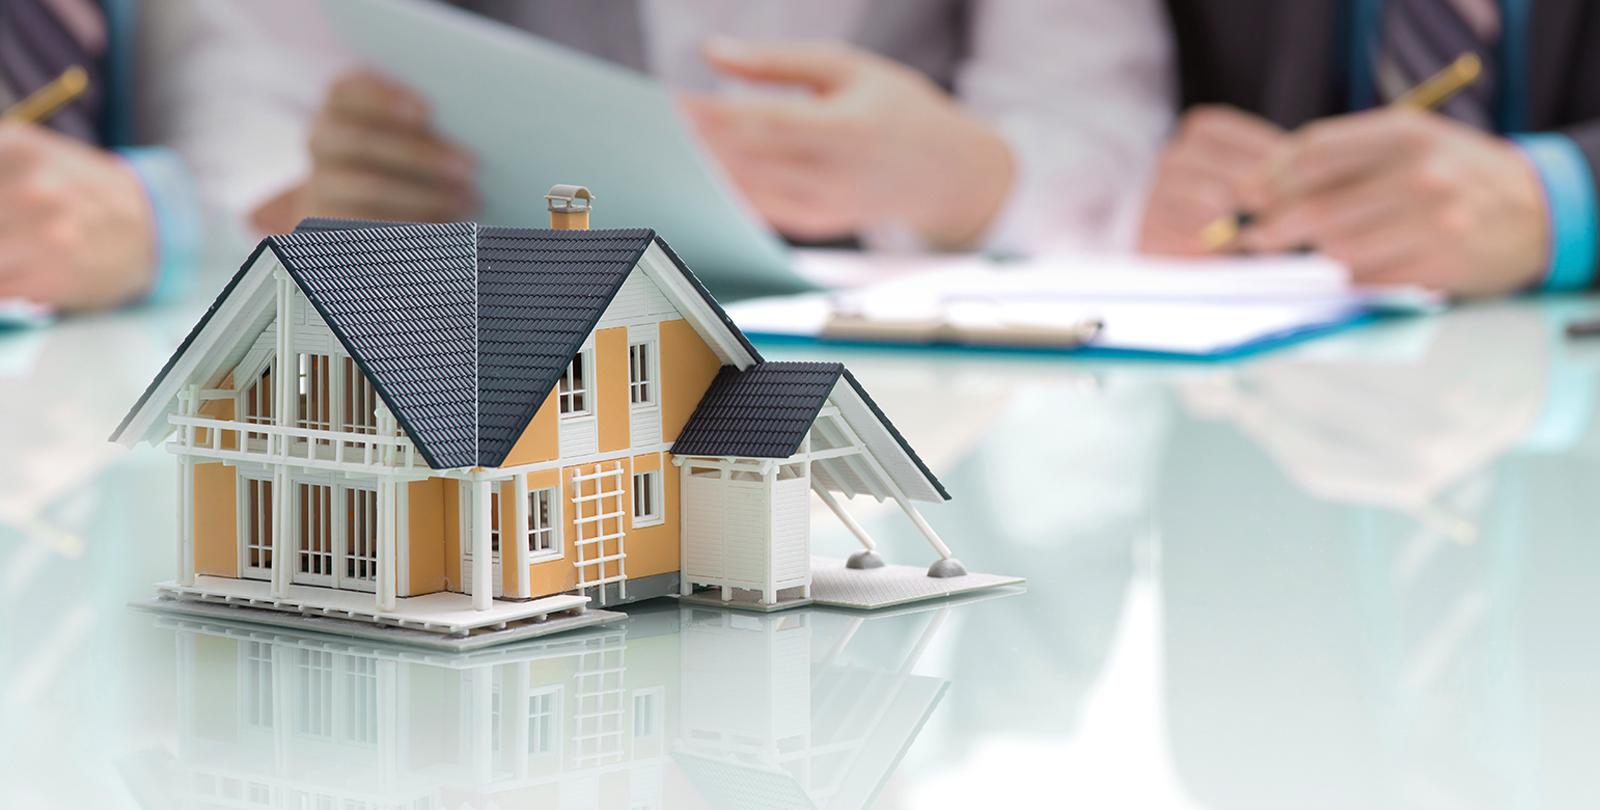 Thời điểm nên mua nhà đất, chung cư để có giá tốt nhất - VietNamNet